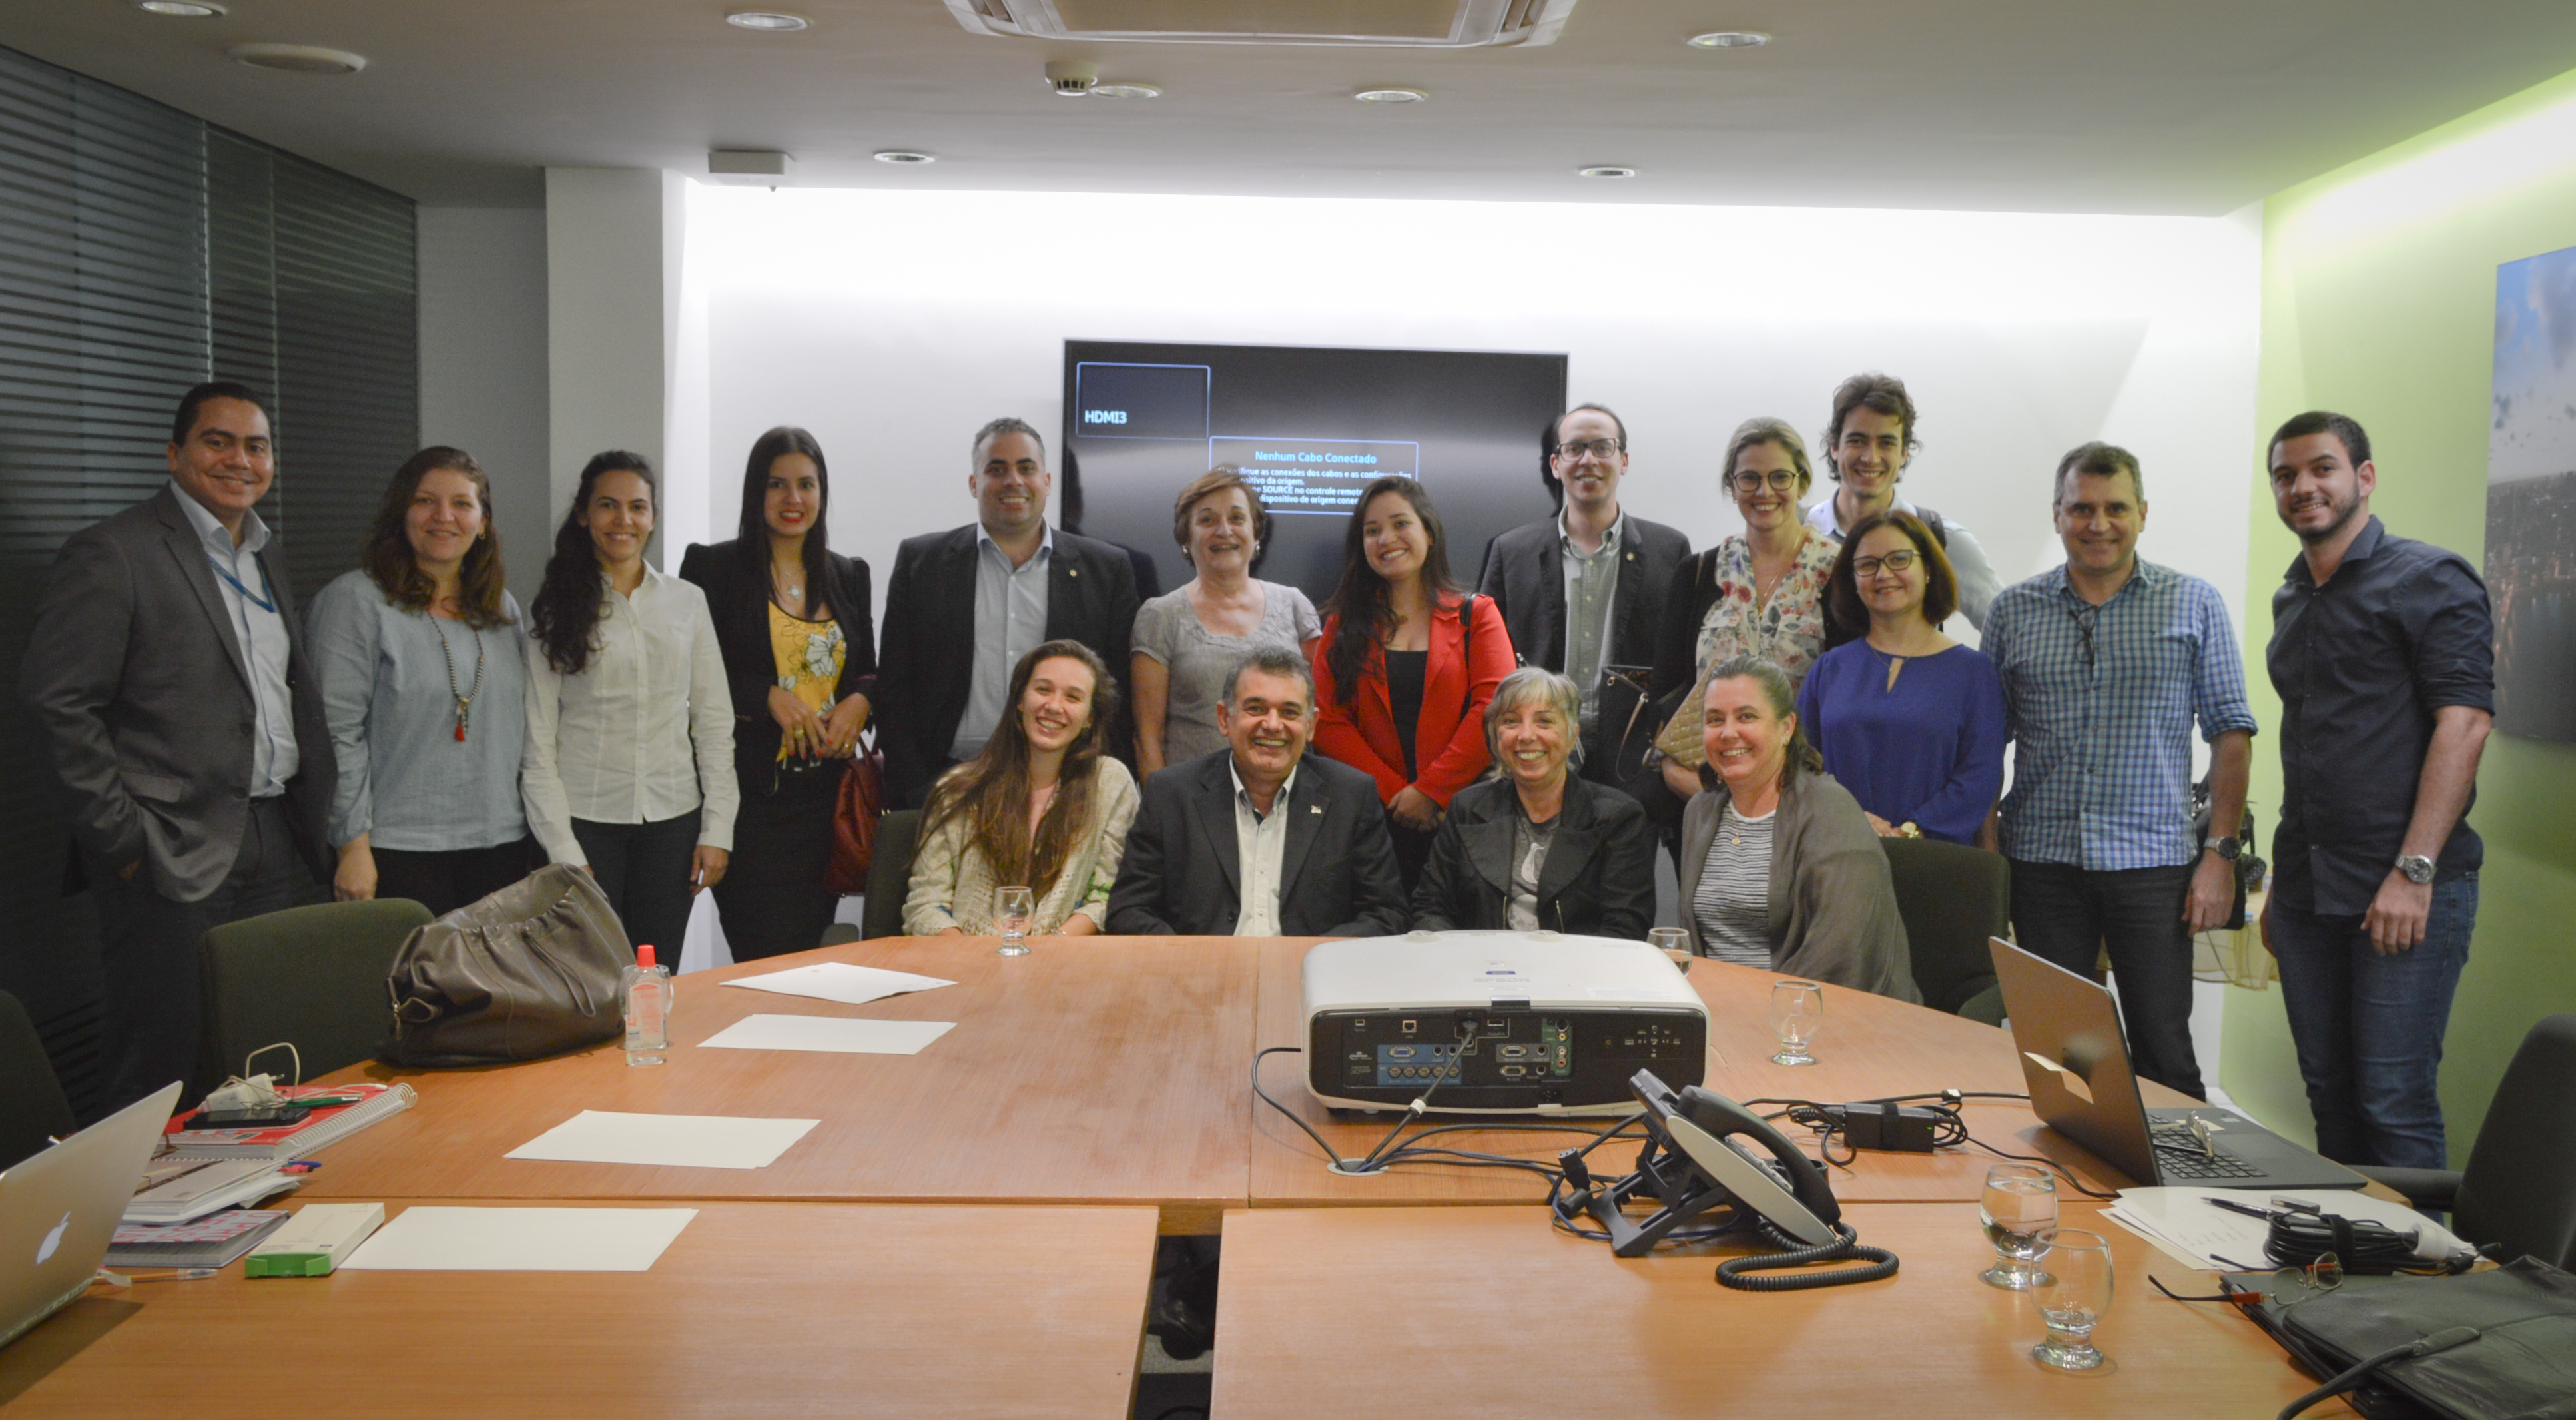 Registros de momentos da reunião das organizações do NEO, no Núcleo de Gestão do Porto Digital.